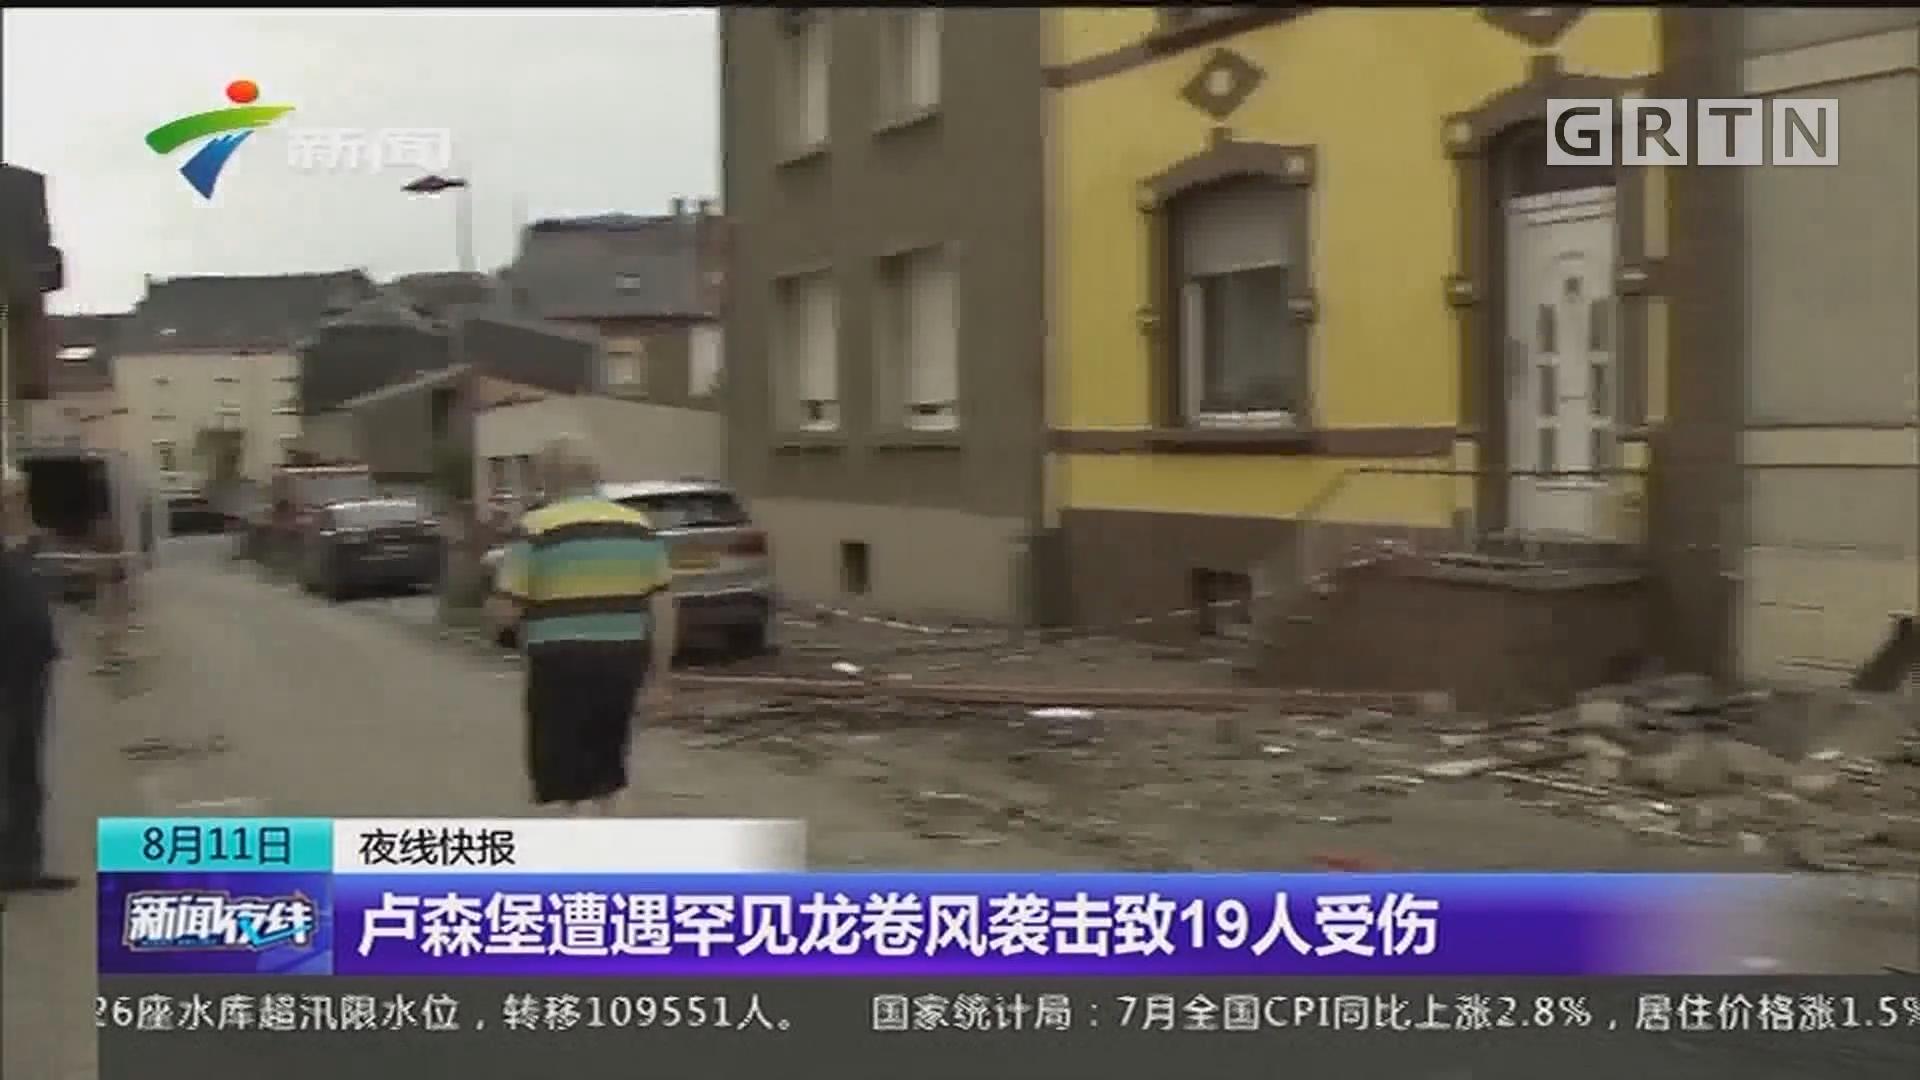 卢森堡遭遇罕见龙卷风袭击致19人受伤